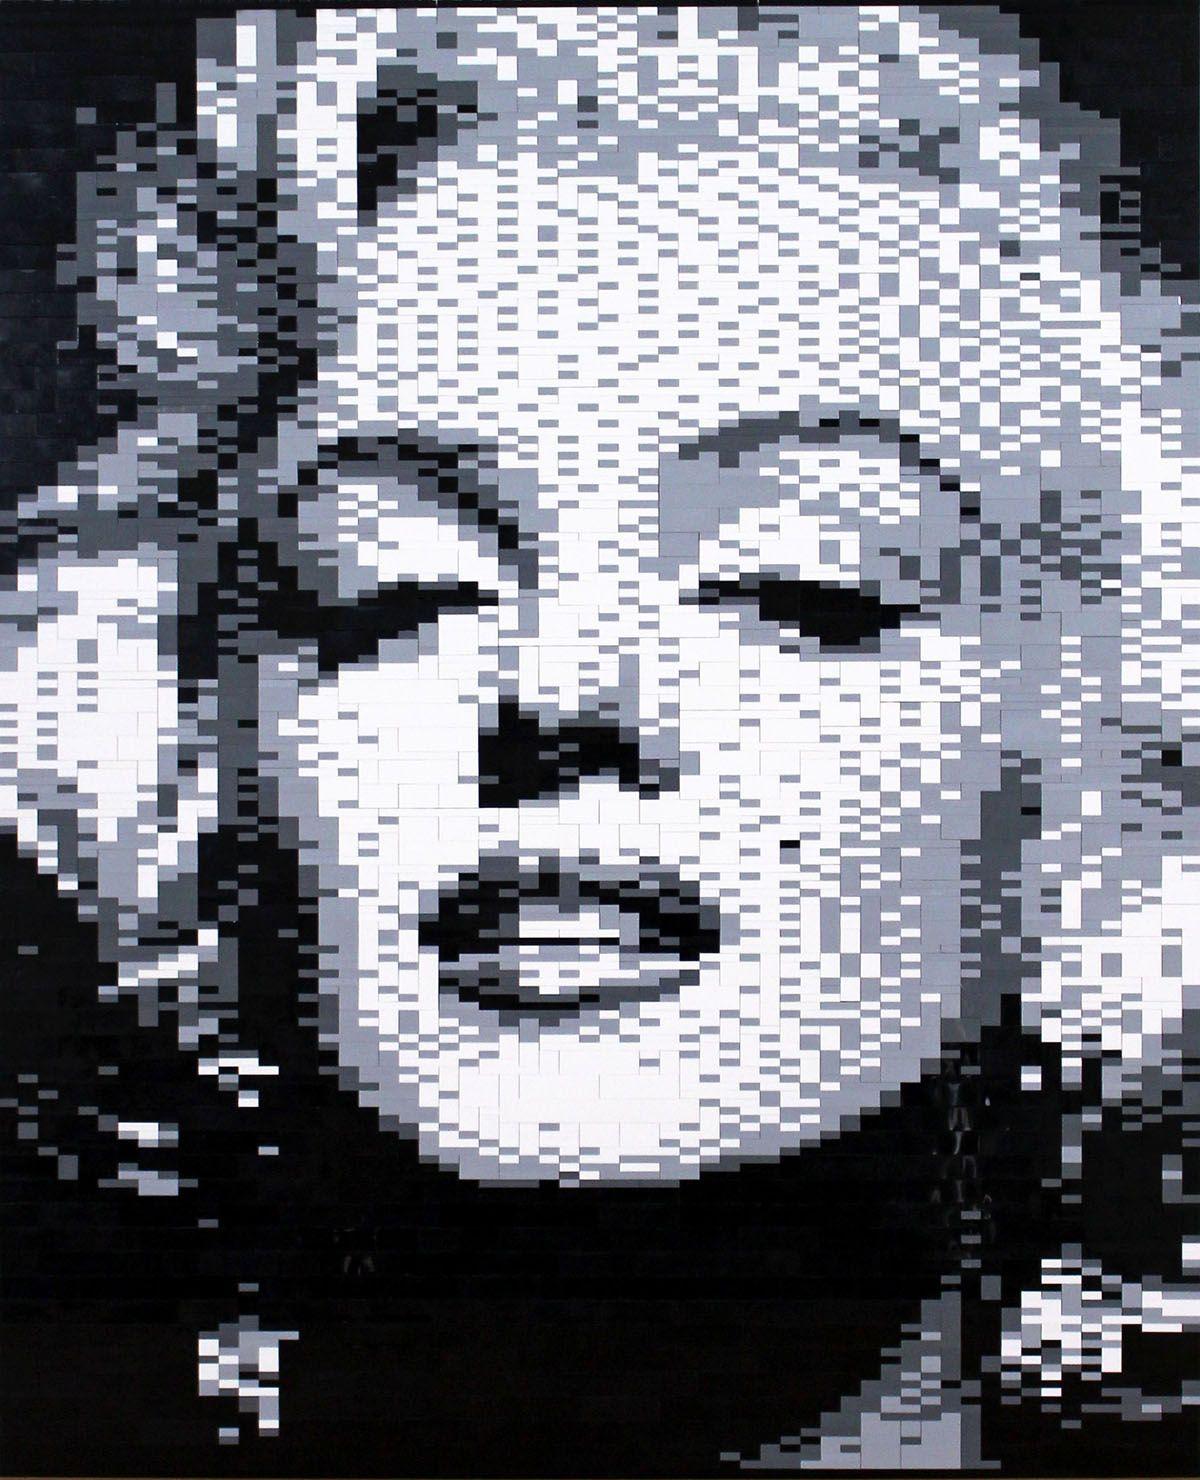 Marilyn Monroe Lego Mosaic